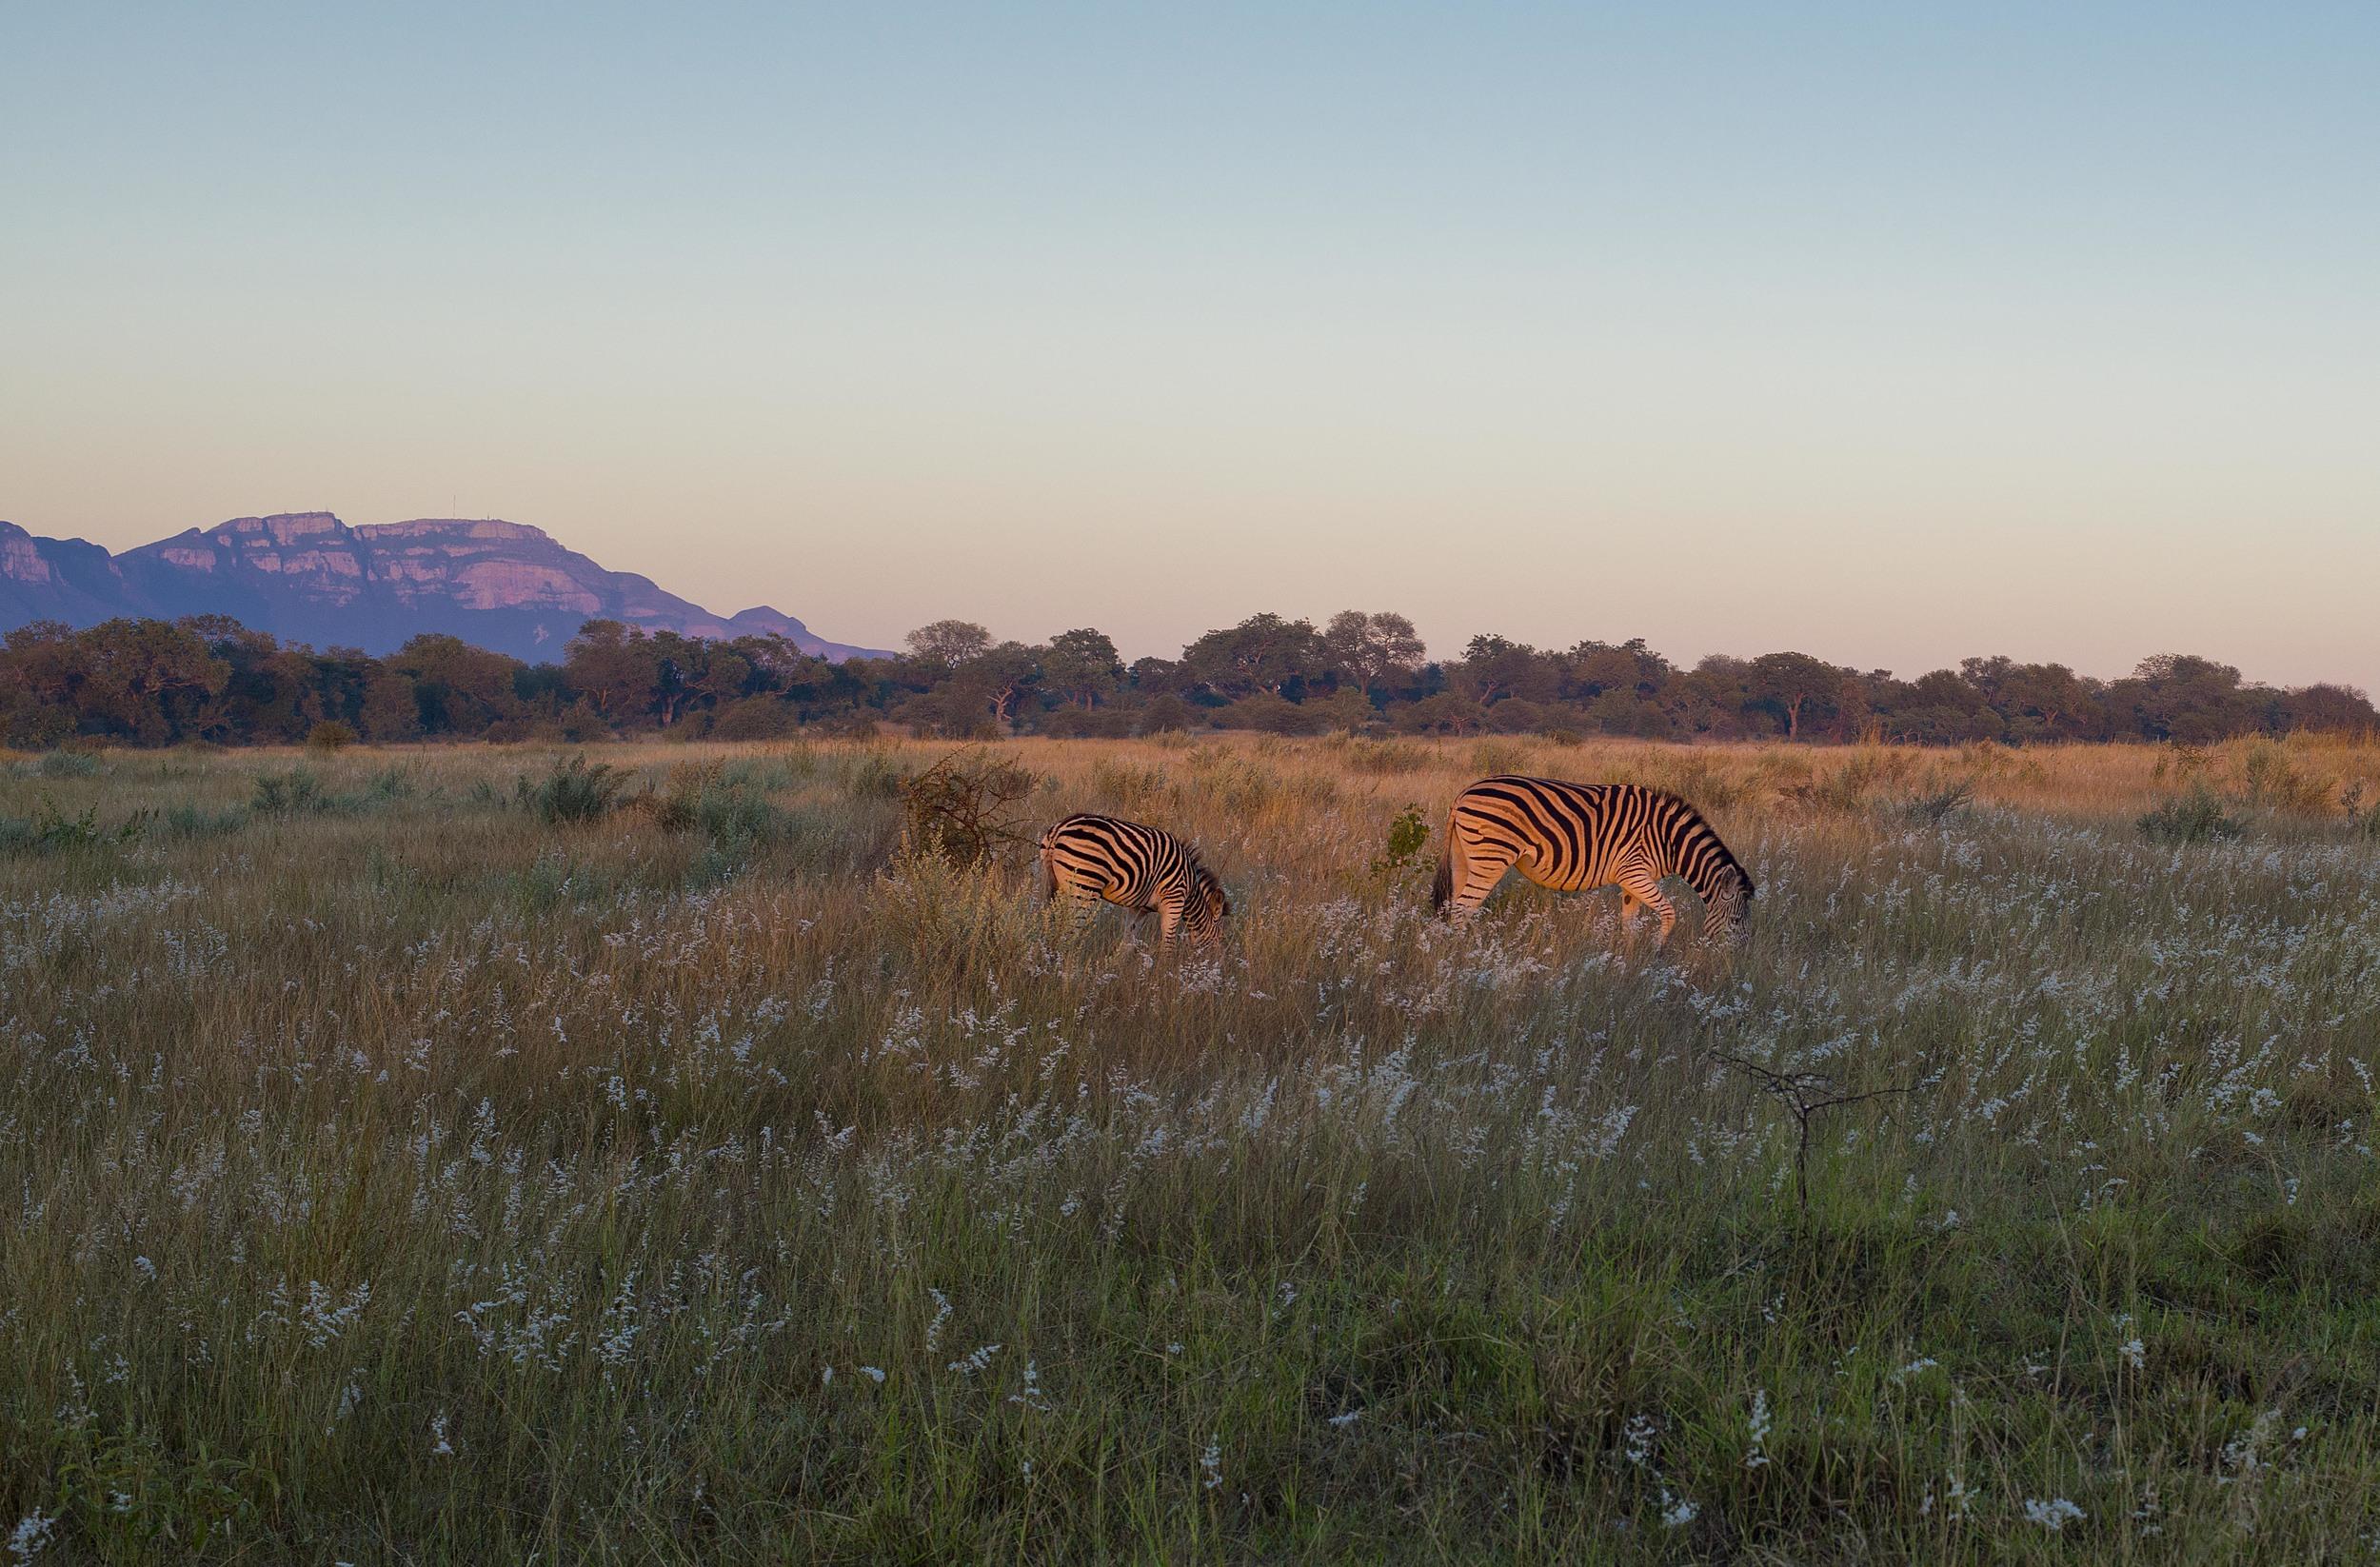 130420_DSC3546 Zebra at Sunrise.jpg